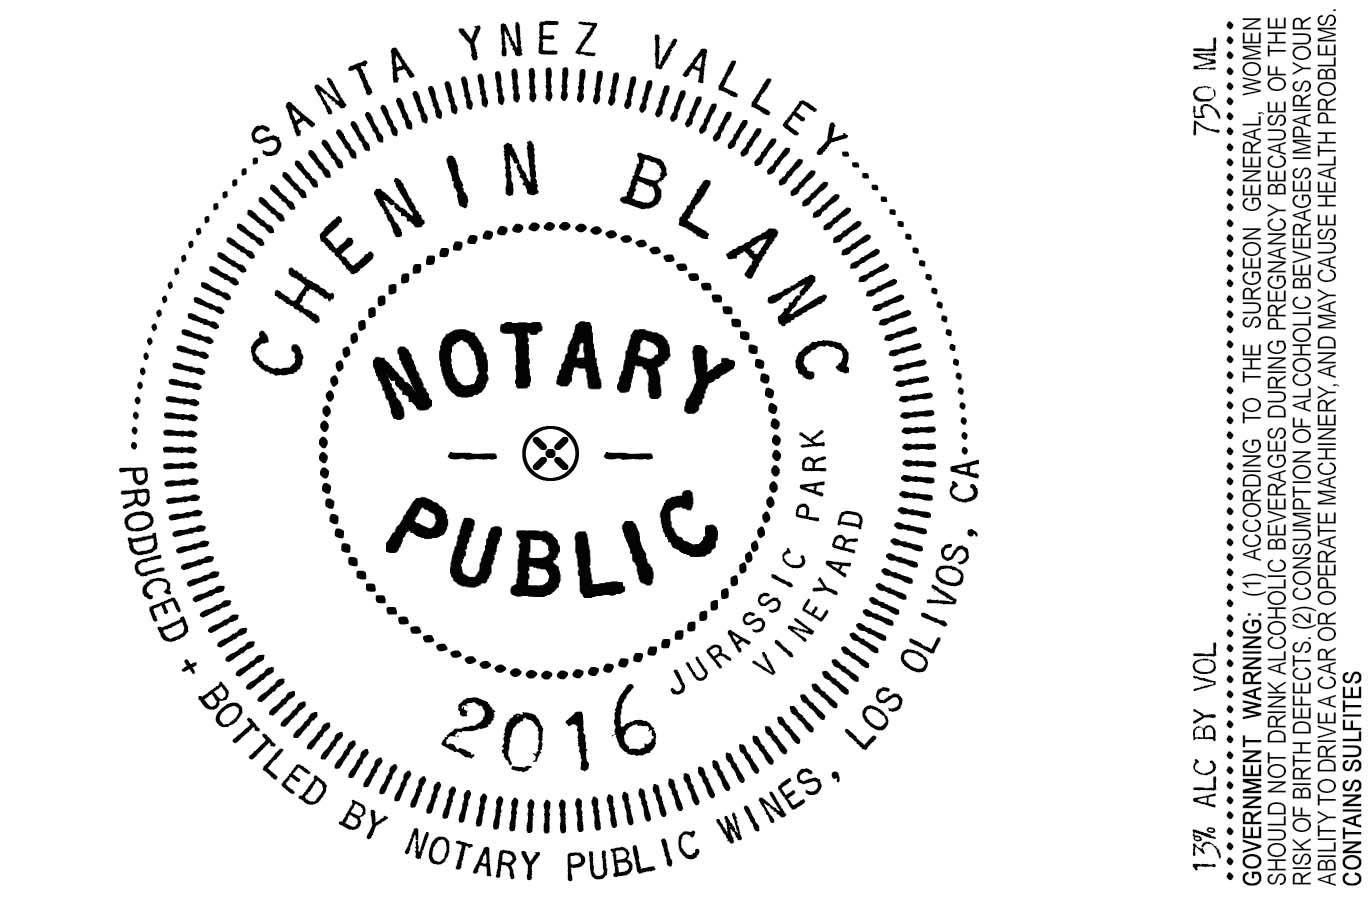 NotaryPublic_chenin_2016.jpg